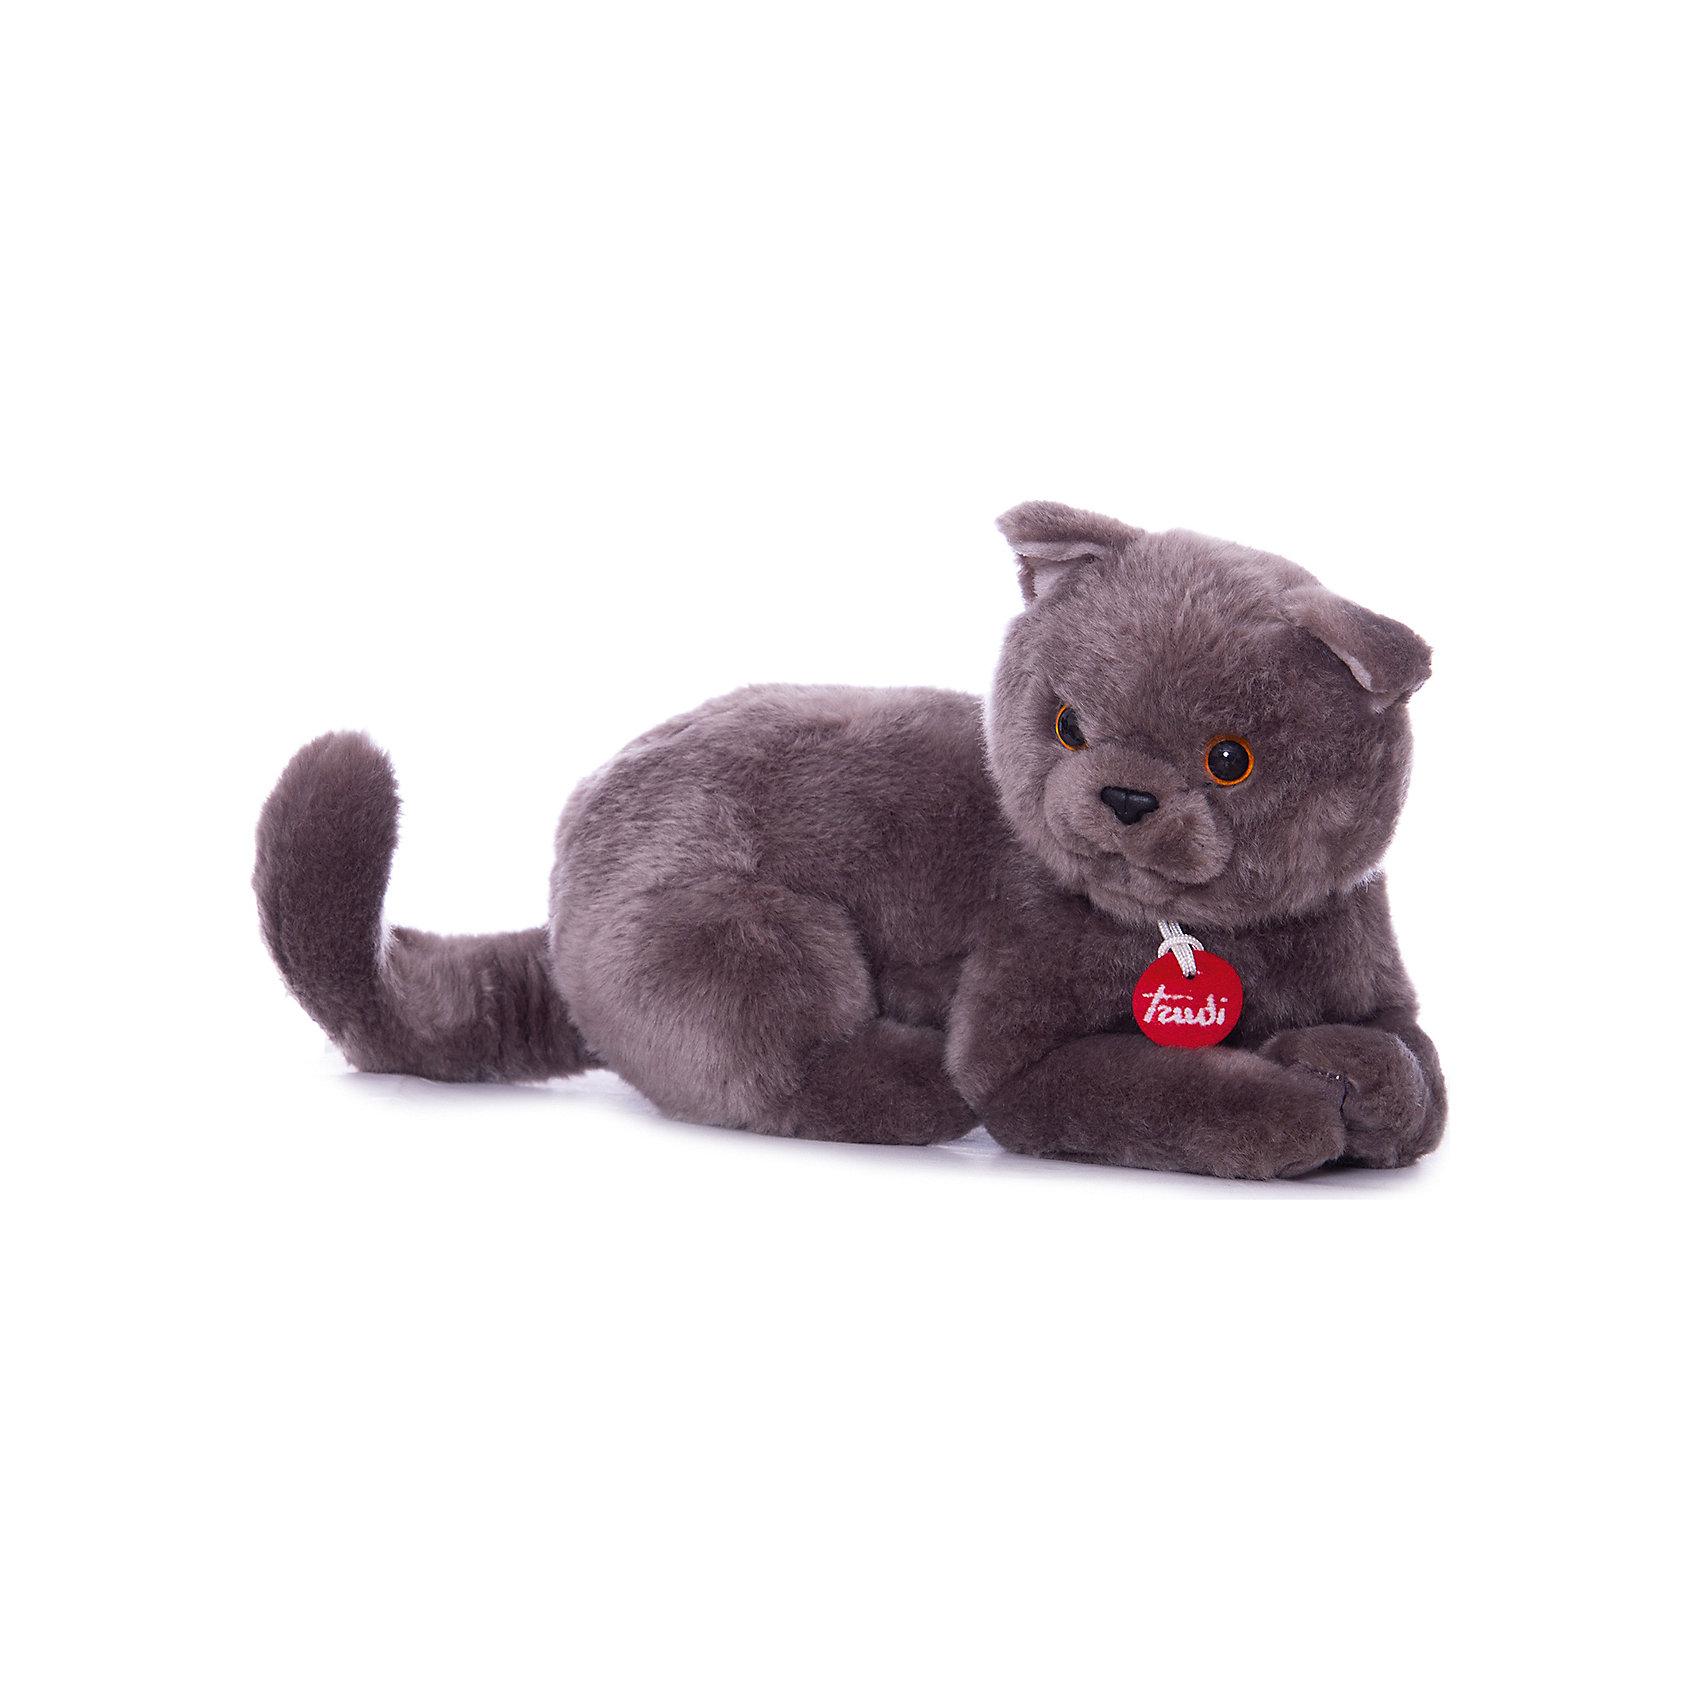 Серый кот Помпео, 38 см, лежачая, TrudiКошки и собаки<br>Характеристики товара:<br><br>• возраст от 1 года;<br>• материал: искусственный мех, пластик;<br>• размер игрушки 38 см;<br>• размер упаковки 60х40х45 см;<br>• вес упаковки 265 гр.;<br>• страна производитель Китай.<br><br>Серый кот Помпео лежачий Trudi — мягкая игрушка для детей от 1 года в виде серого пушистого кота. Она сделана из приятного на ощупь материала, малыш может обнимать ее и брать с собой спать в кроватку. В процессе игры у ребенка развиваются тактильные ощущения, воображение и фантазия. Игрушку можно стирать в стиральной машине при температуре 30 градусов. Изготовлена из качественного безвредного материала.<br><br>Серого кота Помпео лежачего Trudi 38 см можно приобрести в нашем интернет-магазине.<br><br>Ширина мм: 600<br>Глубина мм: 400<br>Высота мм: 450<br>Вес г: 264<br>Возраст от месяцев: 12<br>Возраст до месяцев: 2147483647<br>Пол: Унисекс<br>Возраст: Детский<br>SKU: 5578412